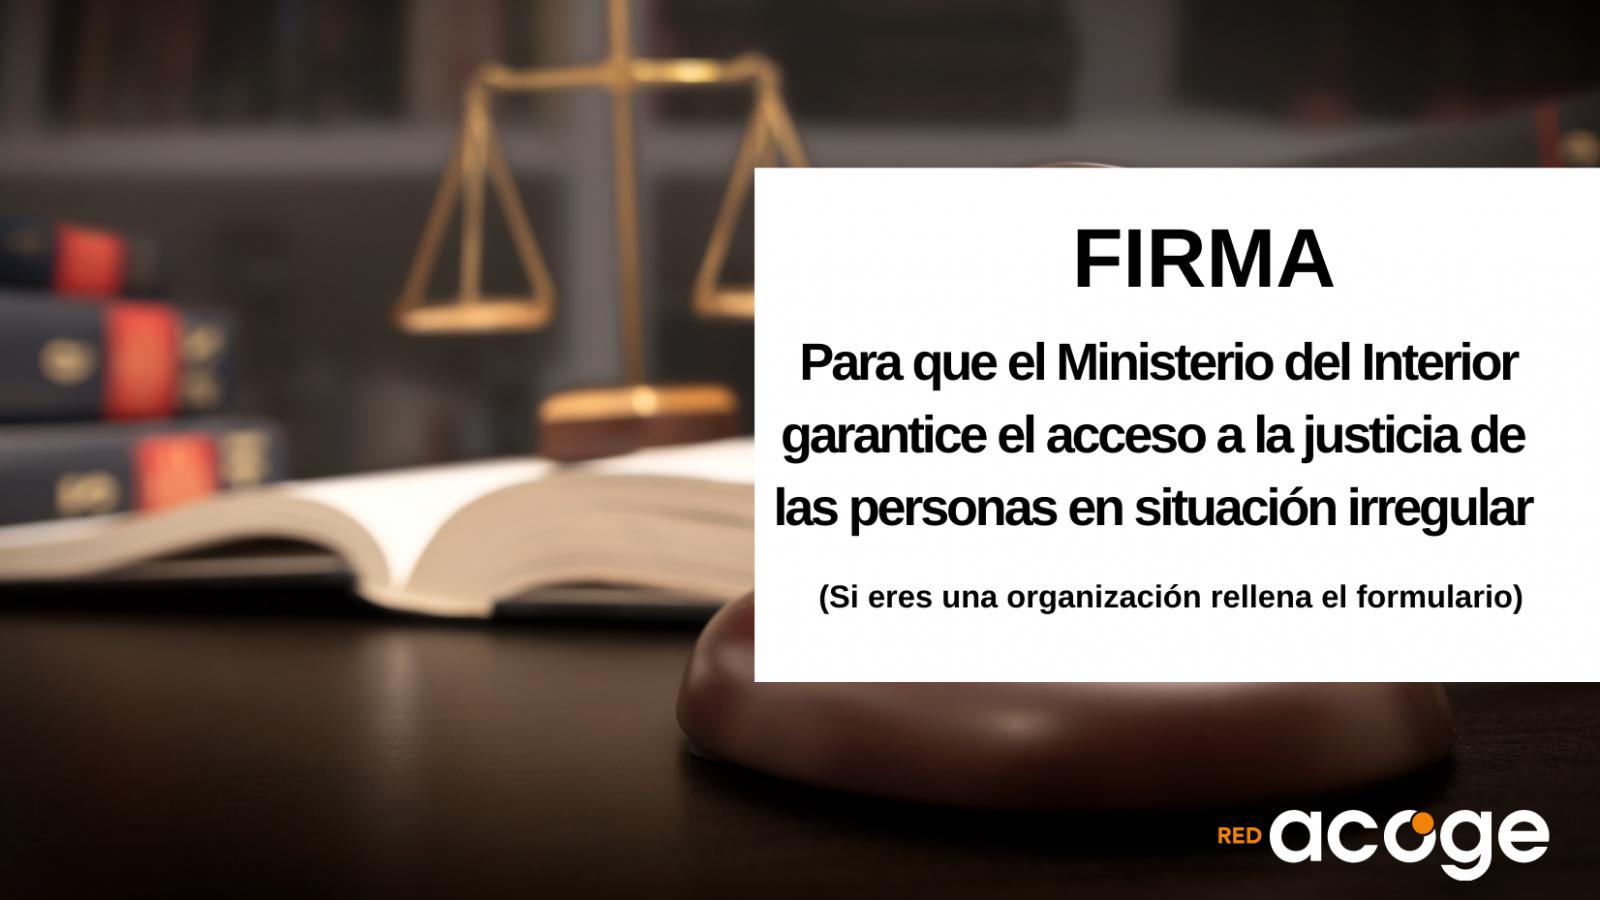 Firma para que el Ministerio del Interior garantice el acceso a la justicia de las personas en situación administrativa irregular